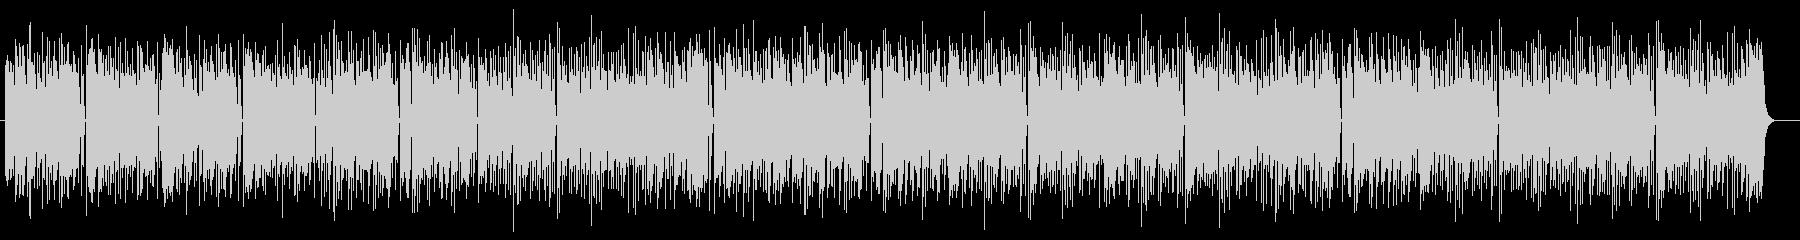 明るく可愛いシンセサイザーサウンドの未再生の波形